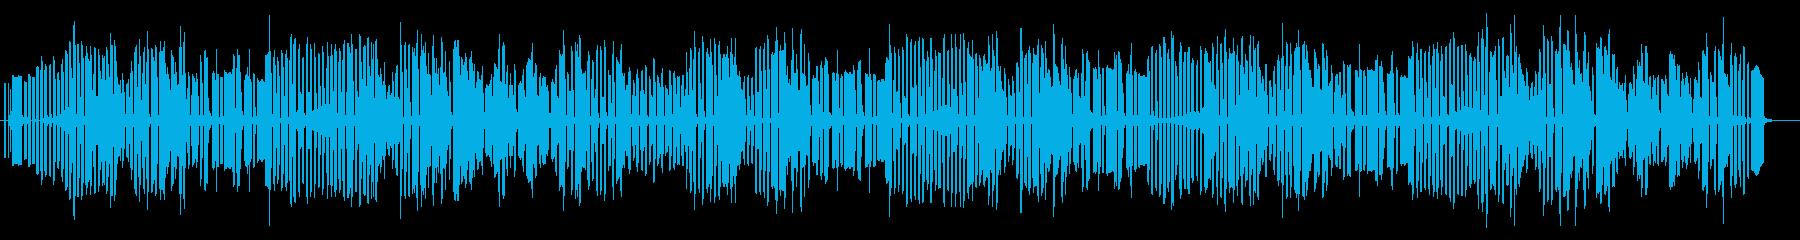 3分クッキングのテーマをイメージした曲の再生済みの波形